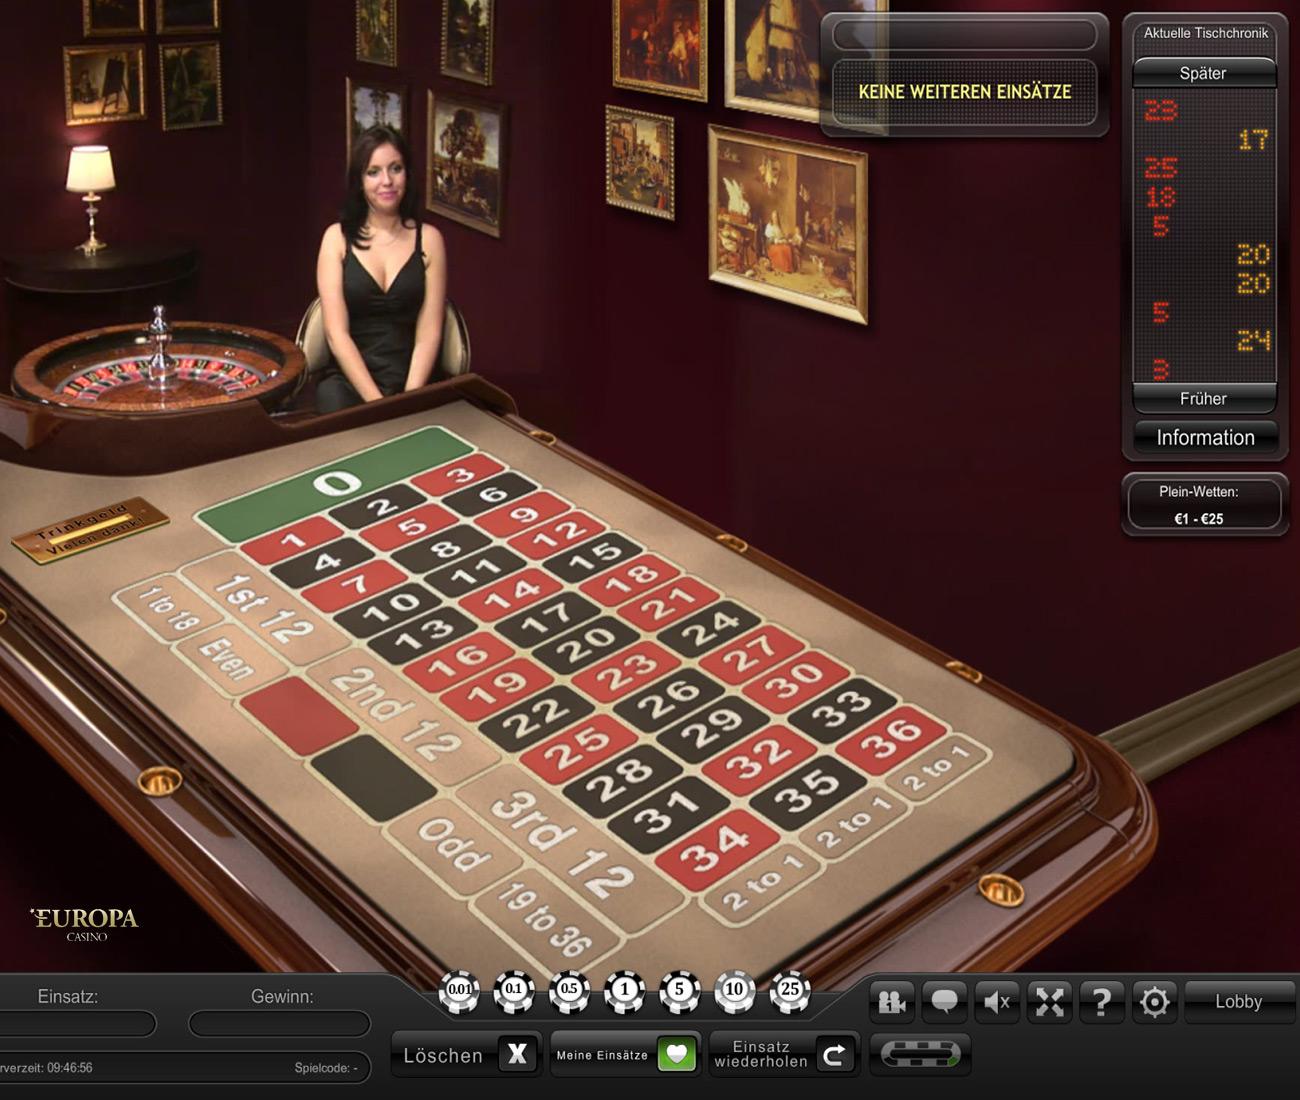 Spielen sie Live Dual Roulette bei Casino.com Österreich